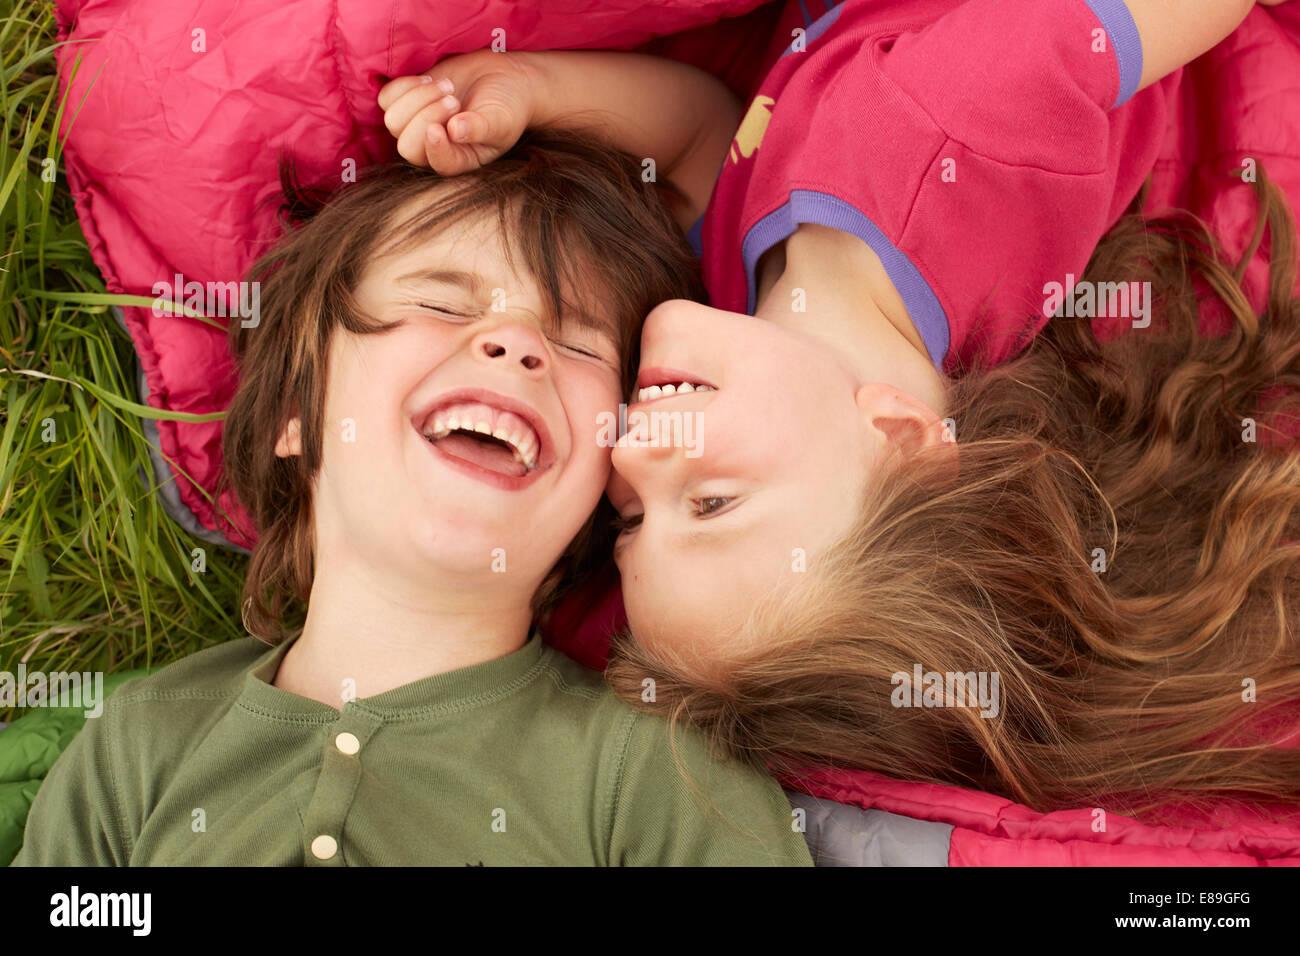 Chico y chica riendo mientras establecen en sacos de dormir Imagen De Stock